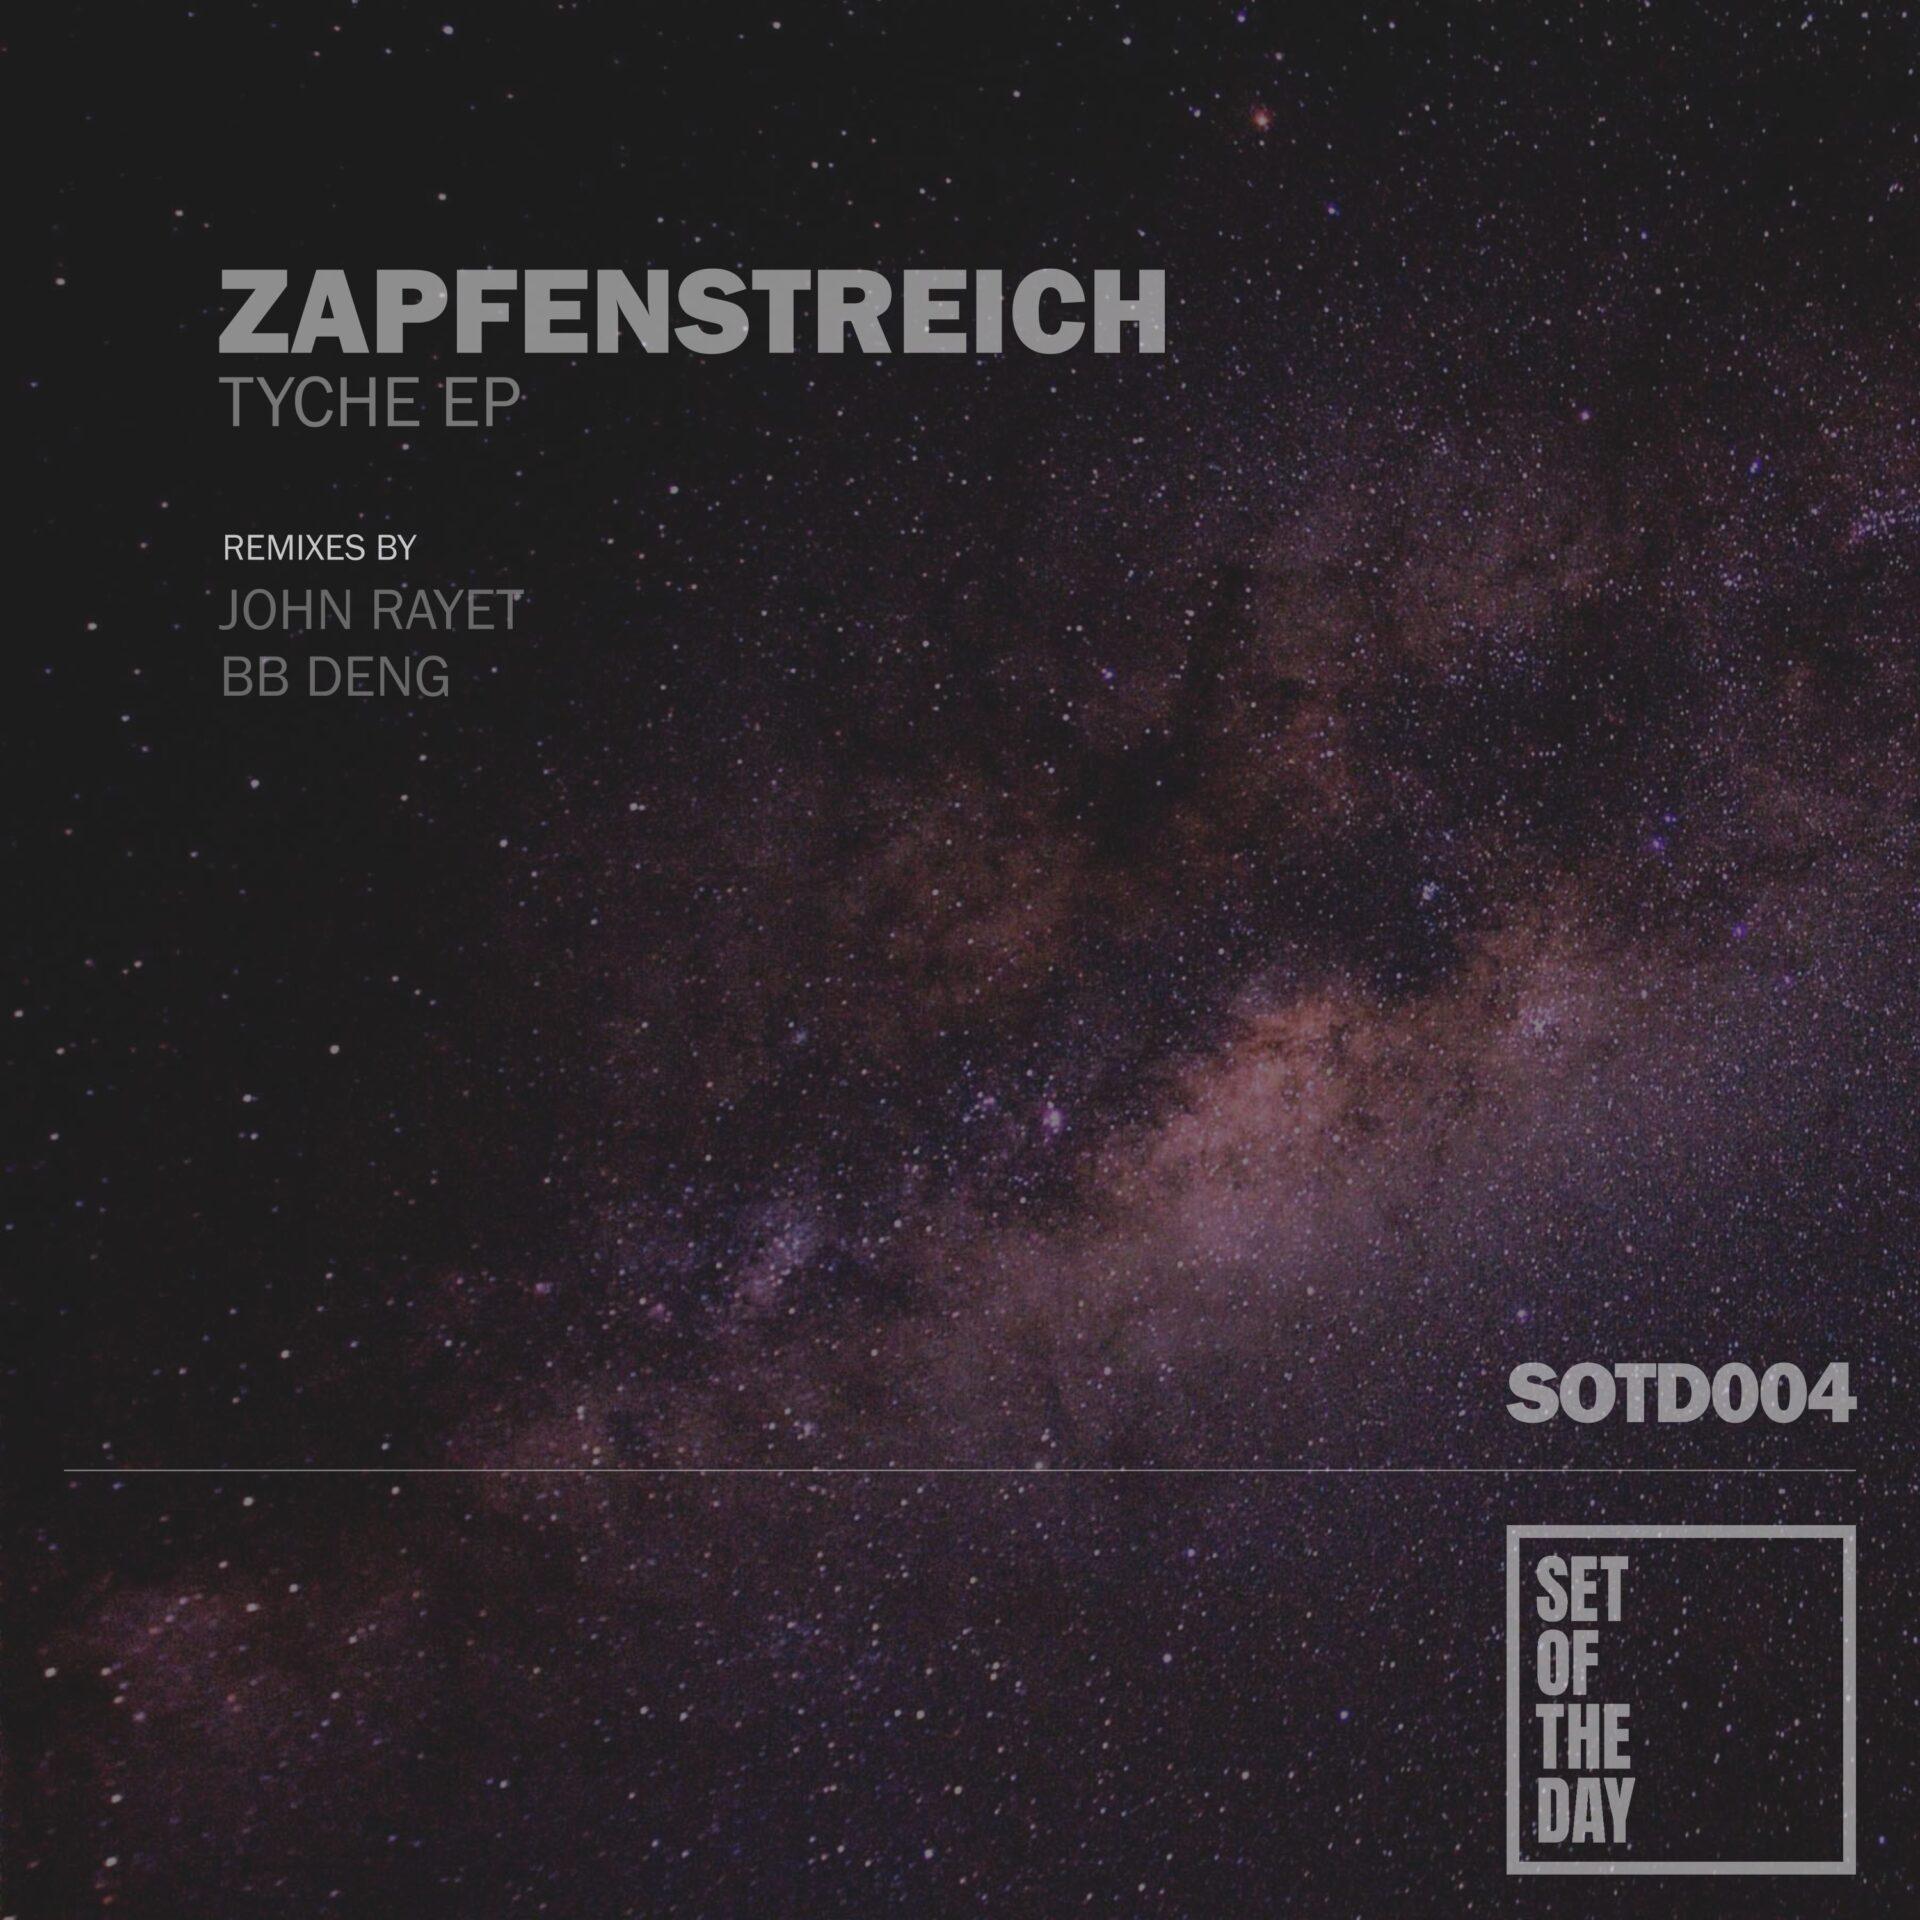 sotd004-zapfenstreich-tyche1-1920x1920 - Releases